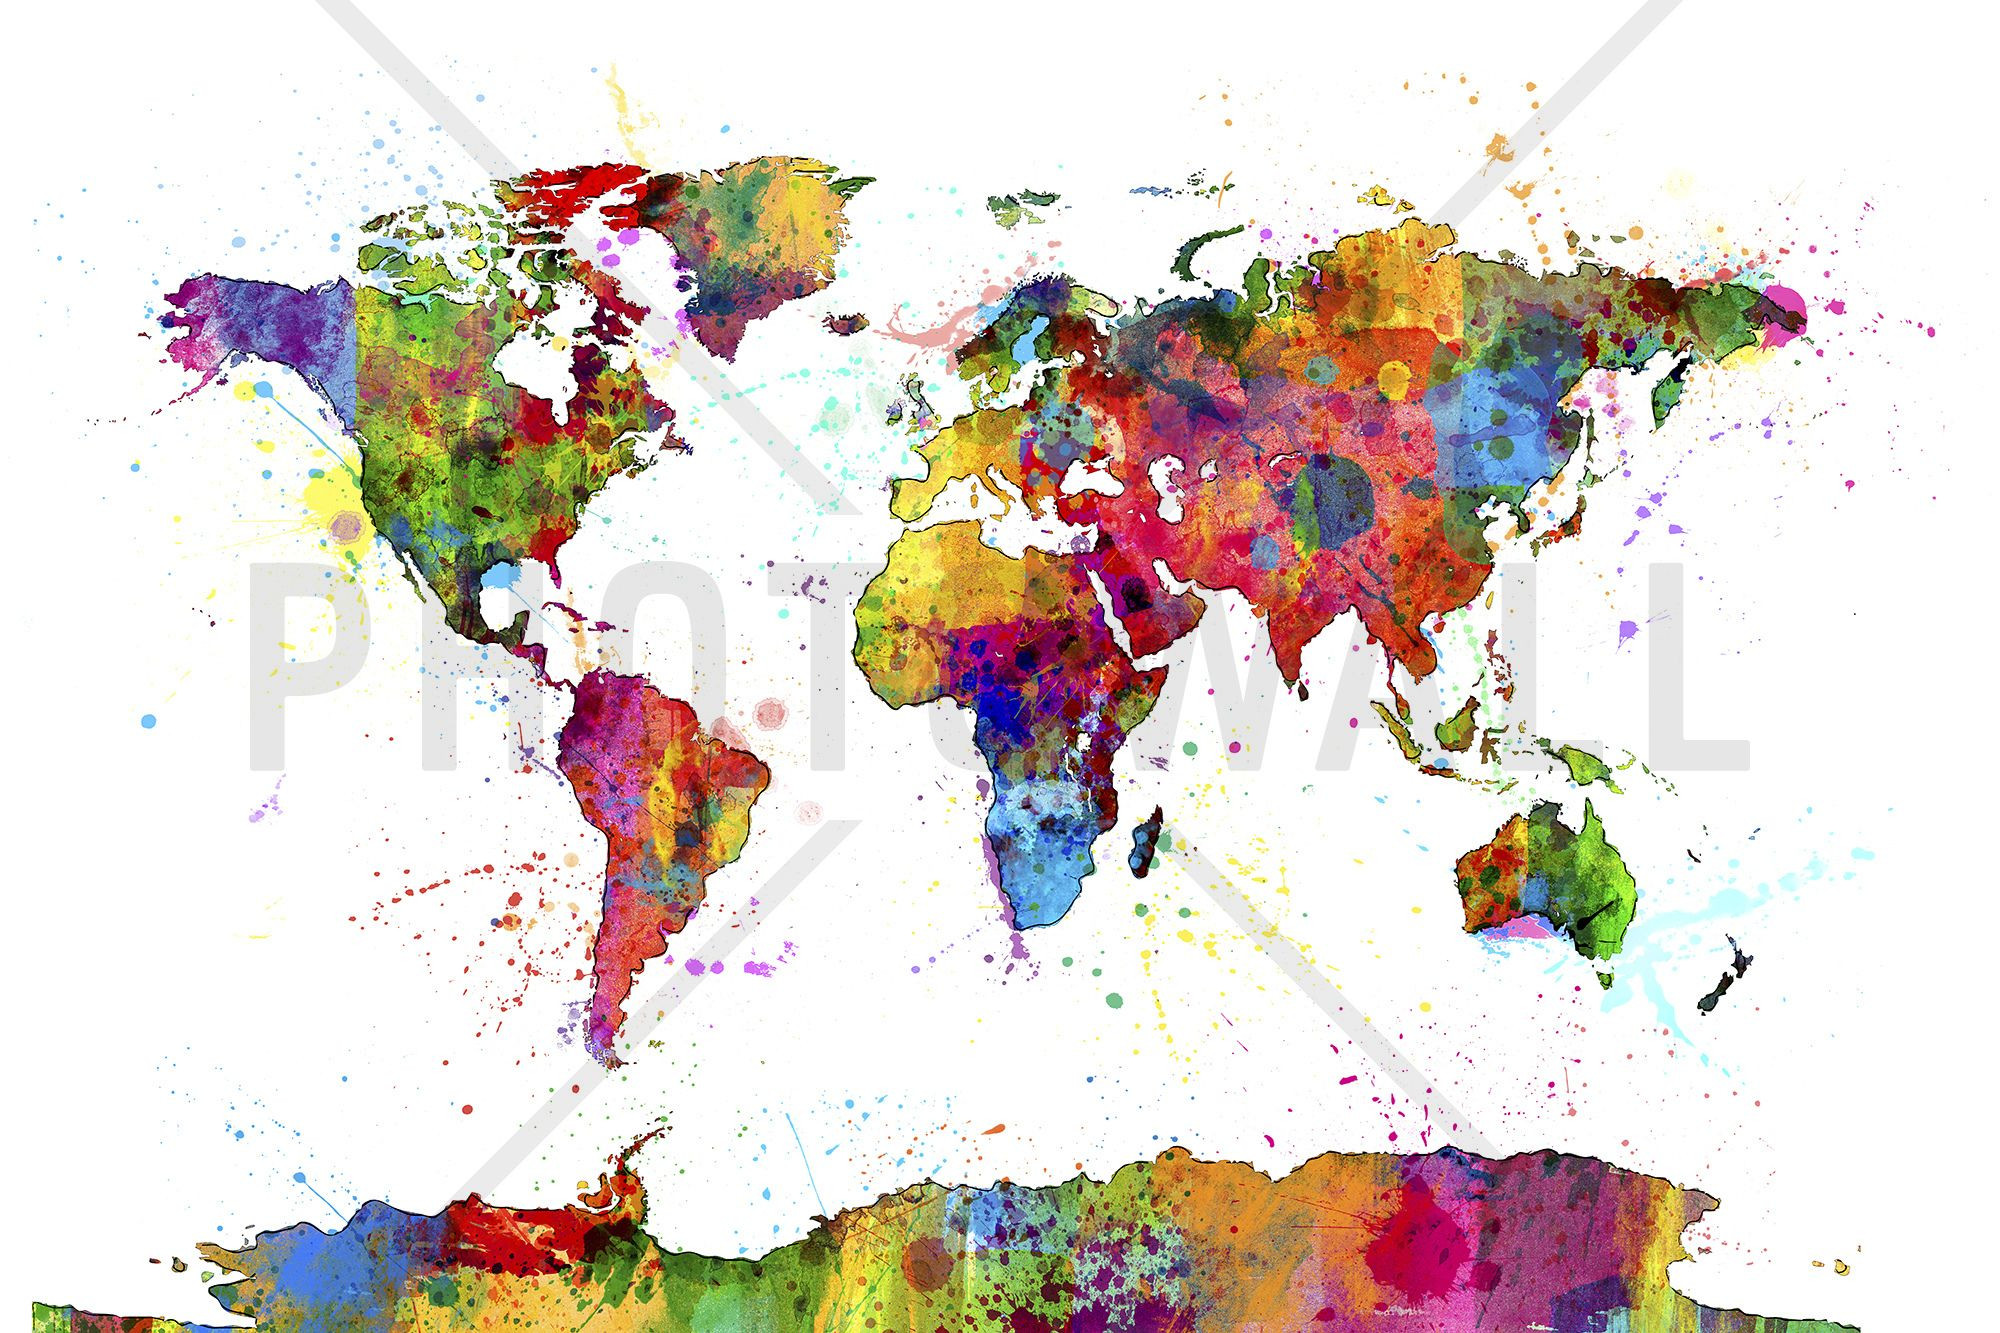 2000x1333 World Map Wallpaper ~ Best Of Watercolour World Map Wallpaper New